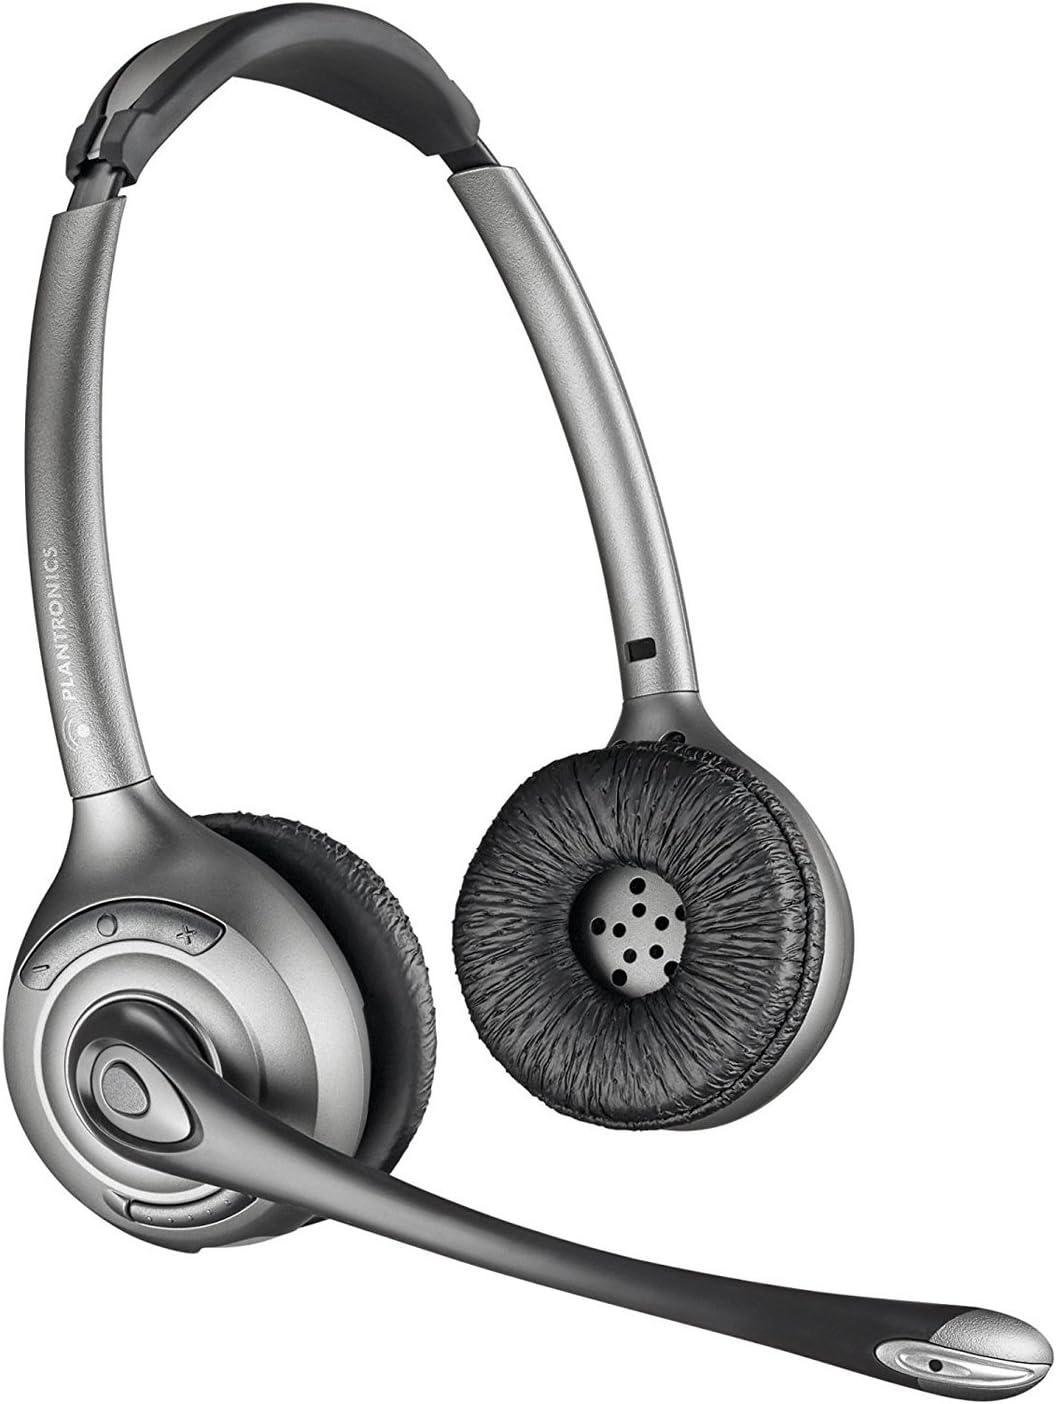 CS520-XD 89548-01 Plantronics Over-The-Head Headset